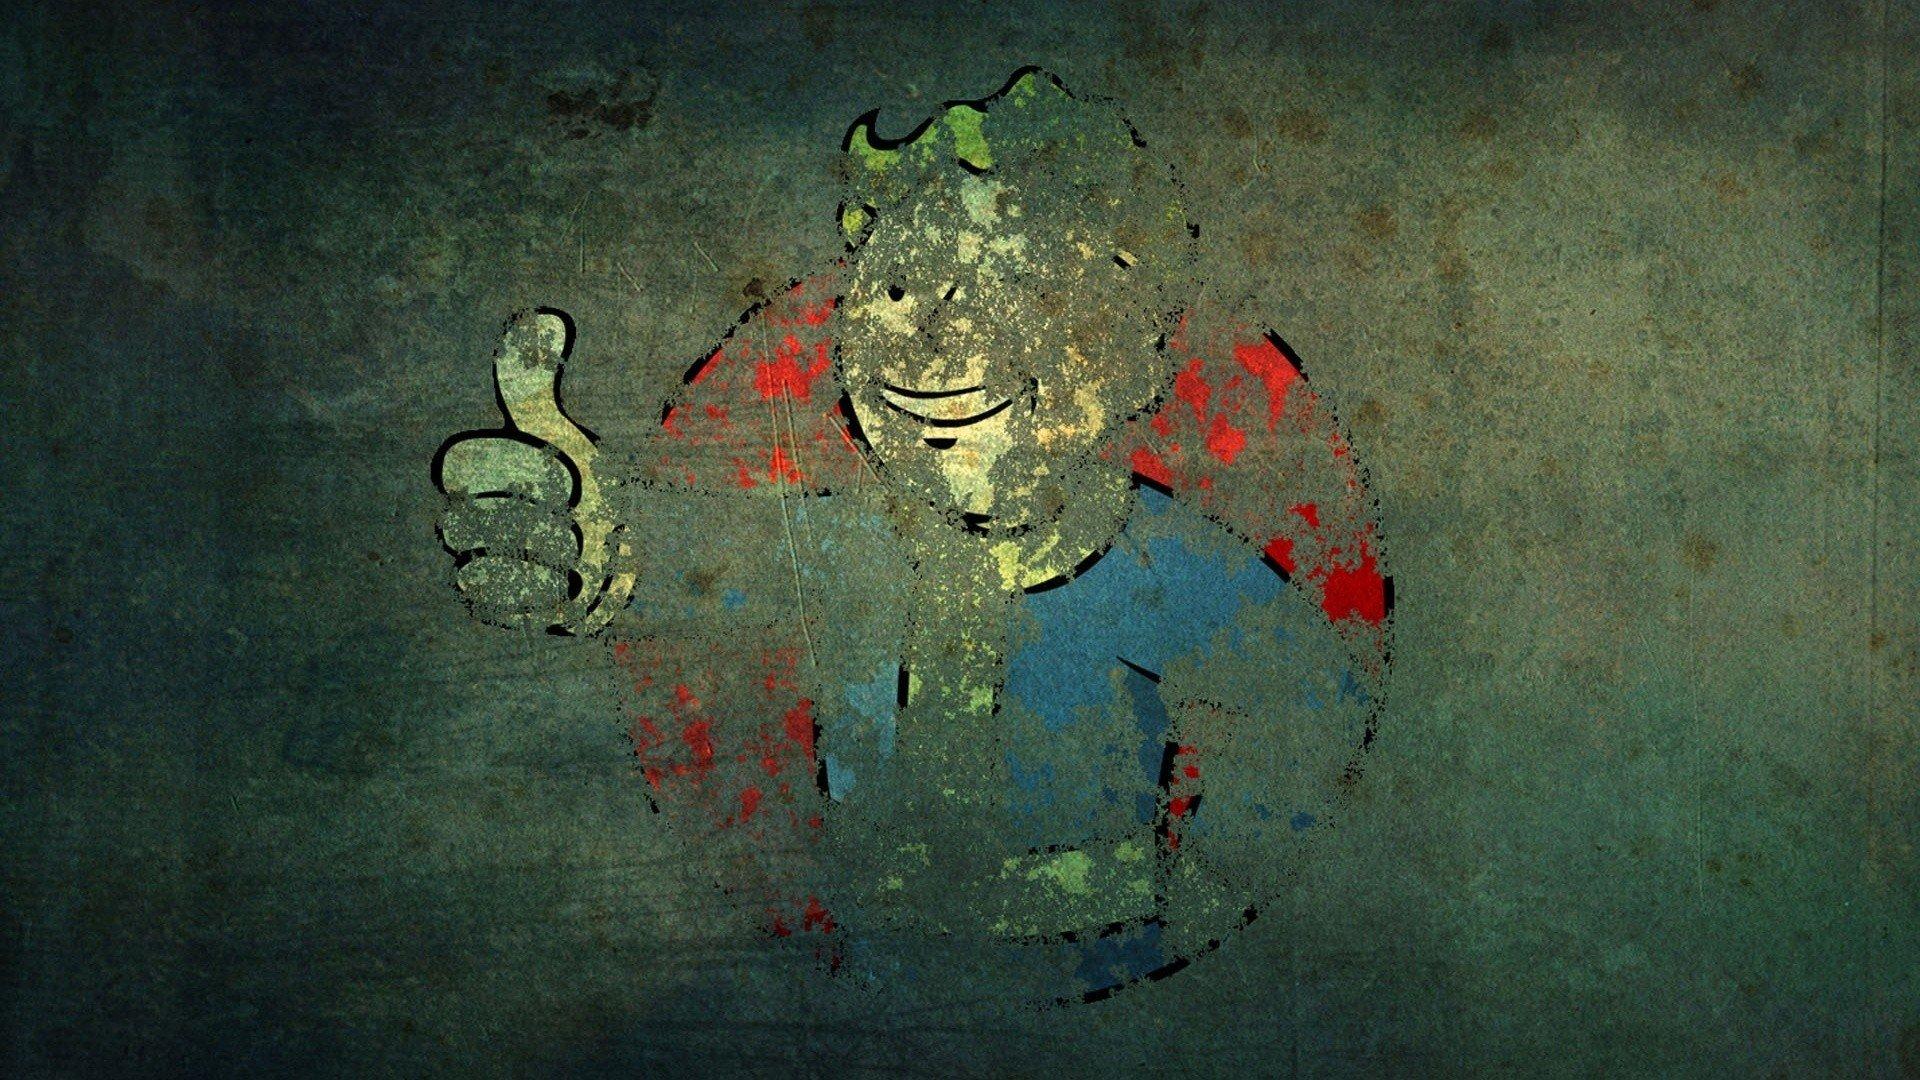 Video Games Fallout Grunge Vault Boy Wallpaper 1920x1080